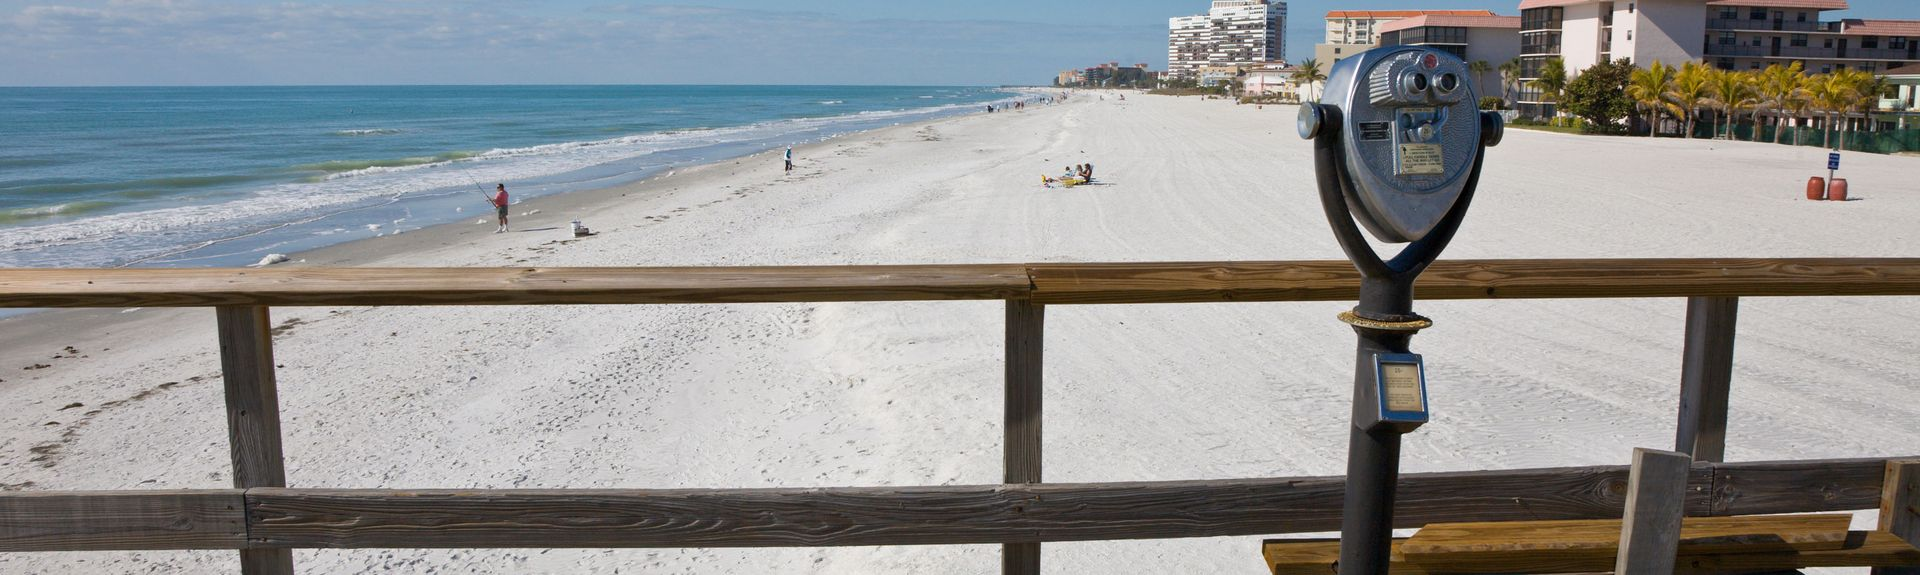 Redington Beach, Florida, Estados Unidos